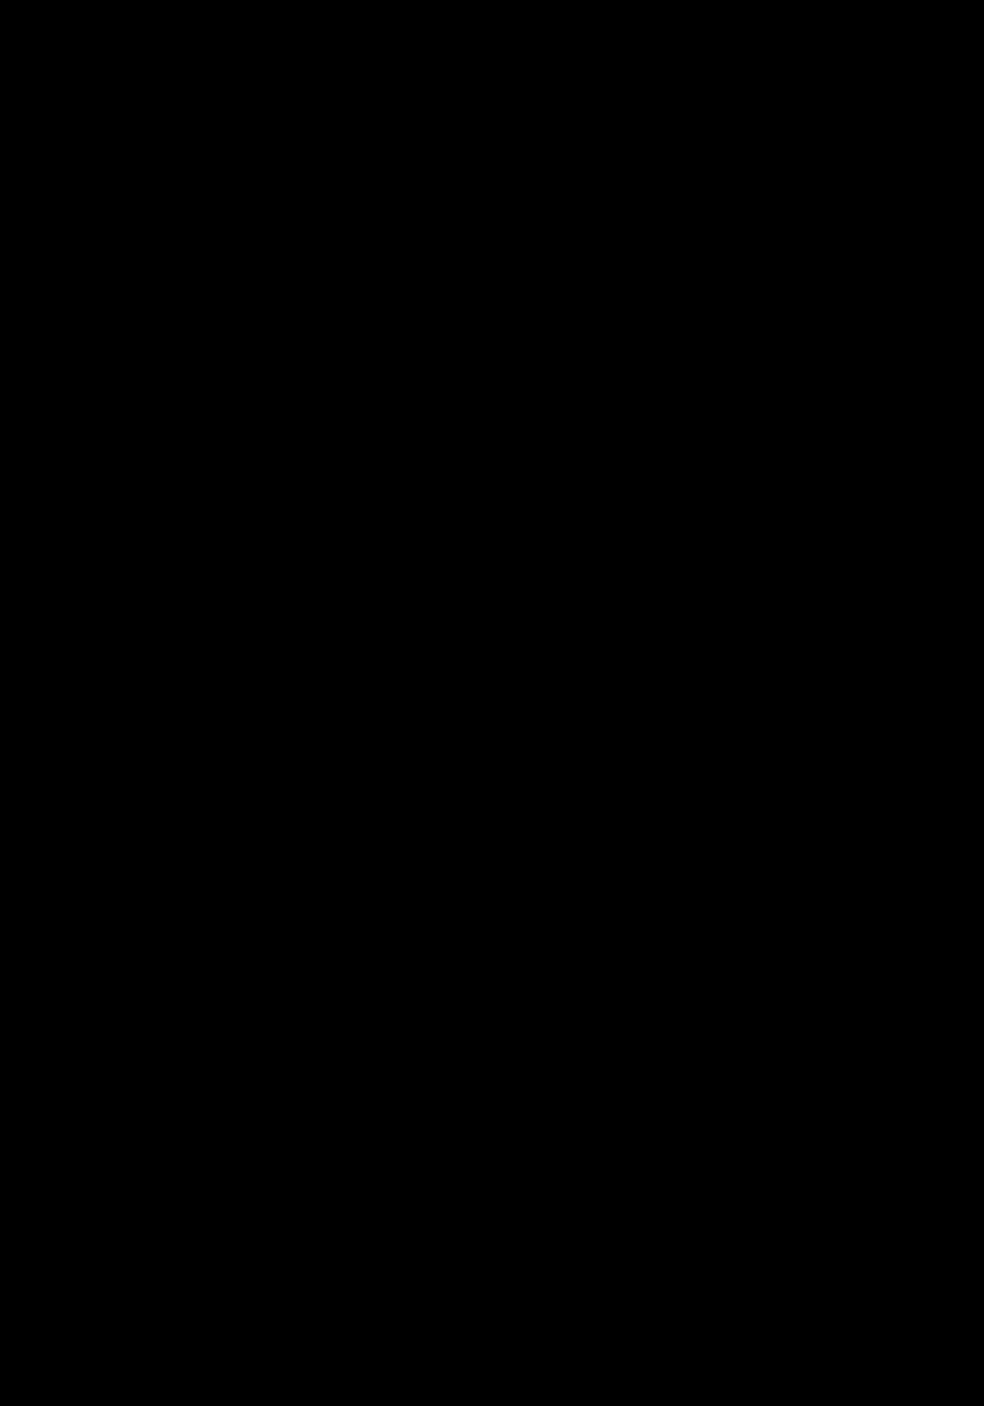 石井楷書 NL-A 横組見本